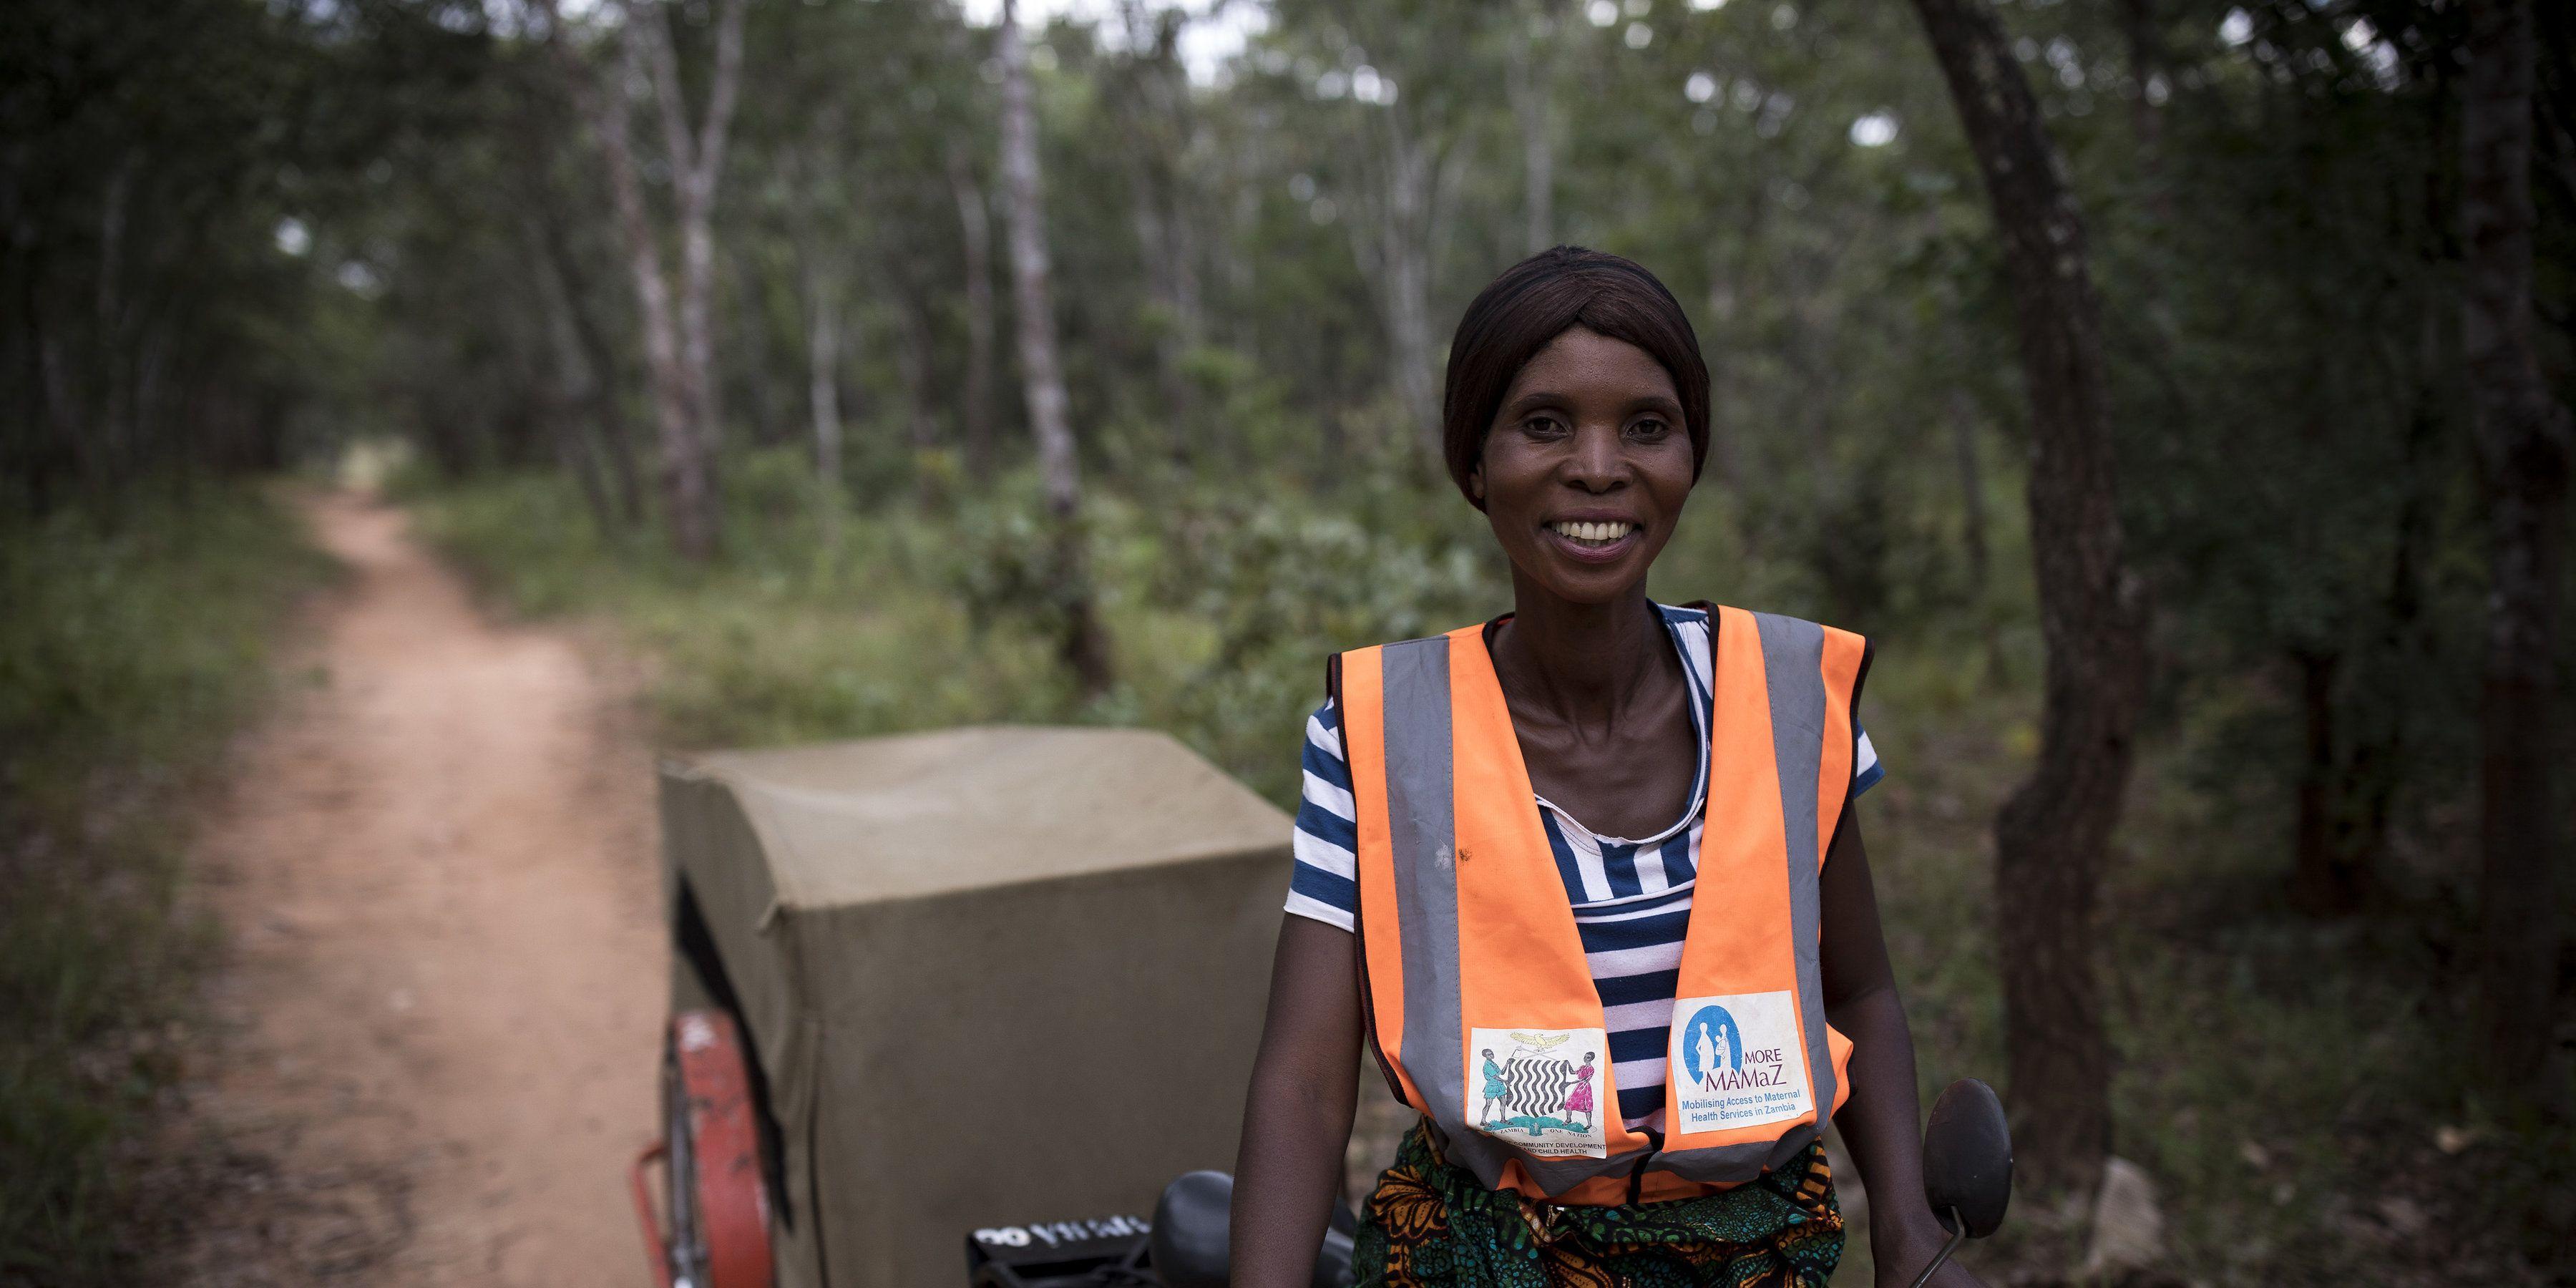 Zambia project, Medicines for Malaria Ventures, Transaid